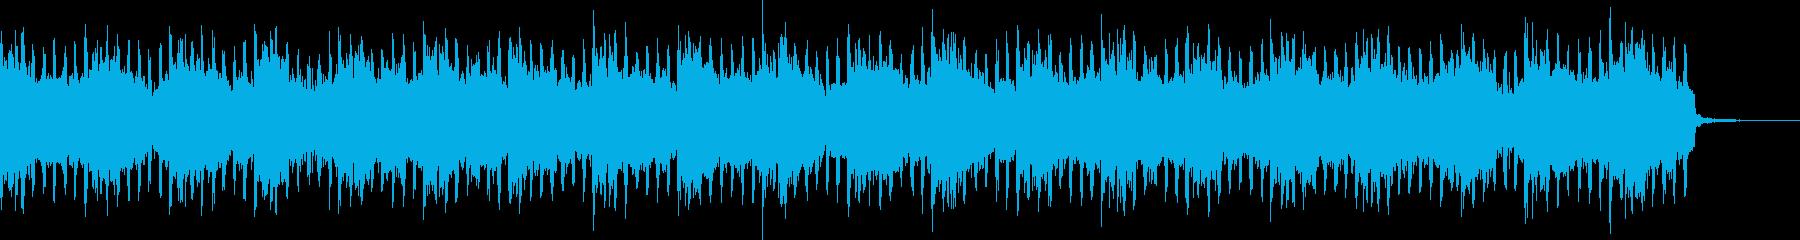 ニュース原稿シンプルトランス汎用BGMの再生済みの波形